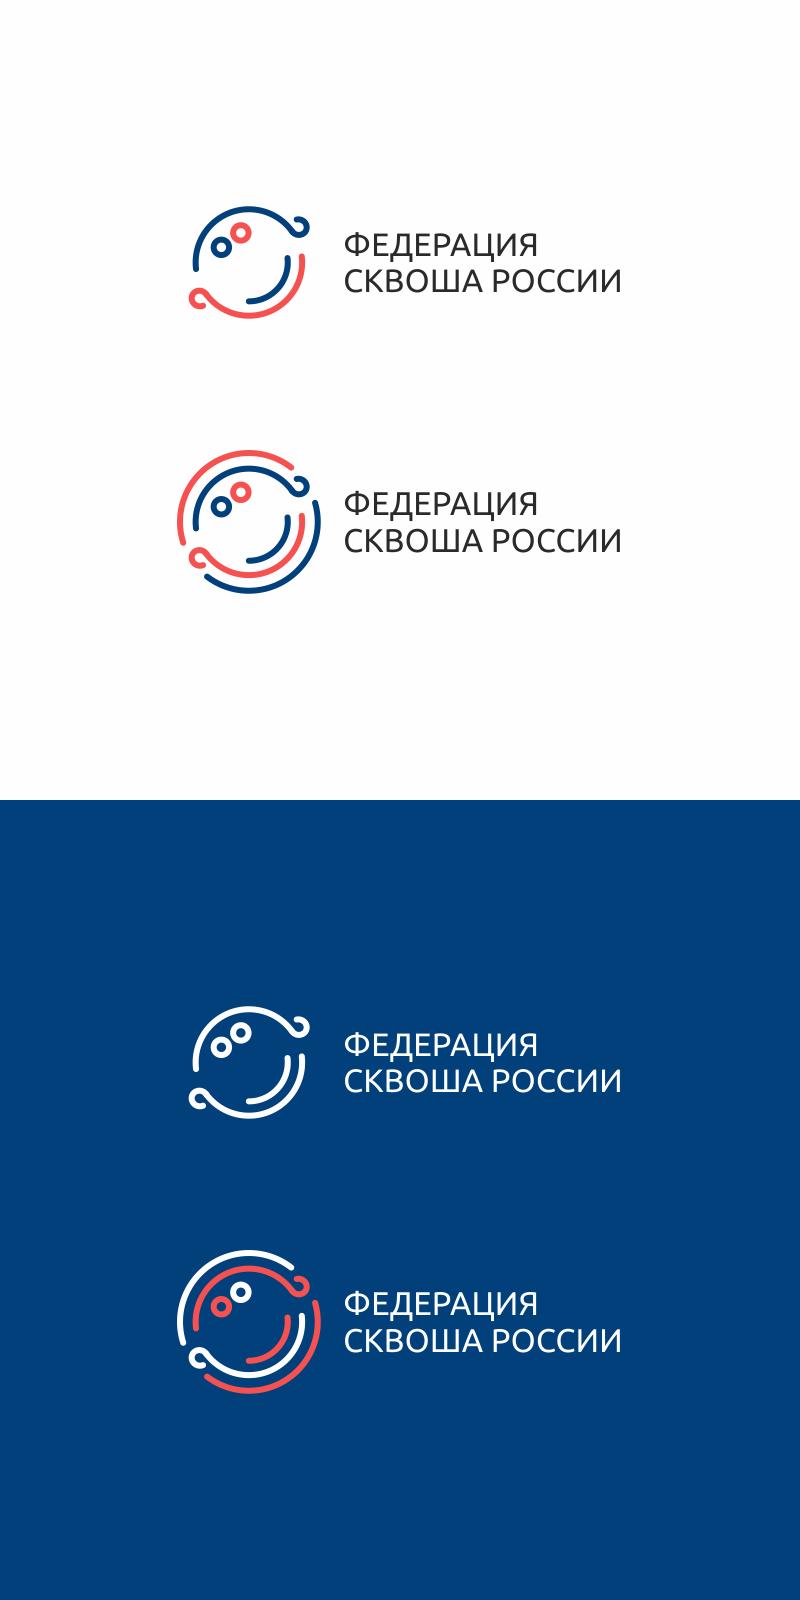 Разработать логотип для Федерации сквоша России фото f_7515f396fcadb219.png